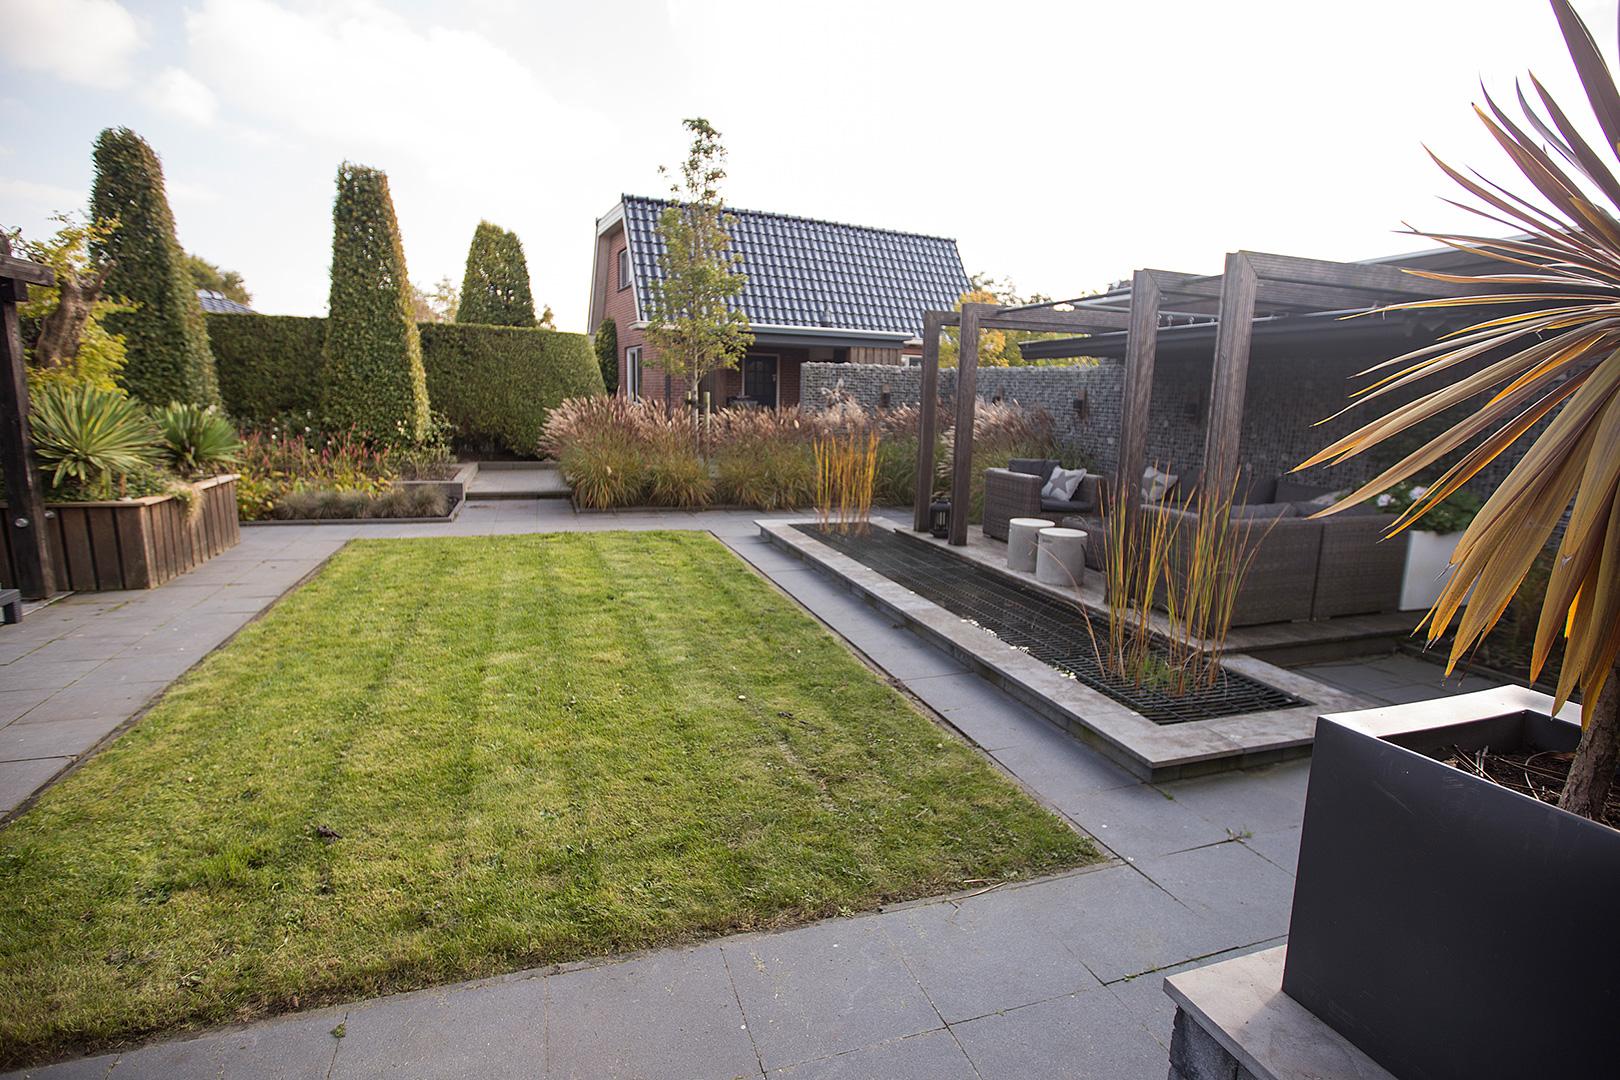 Hoveniersbedrijfsakevanderwal.nl-Project-Tuinontwerp